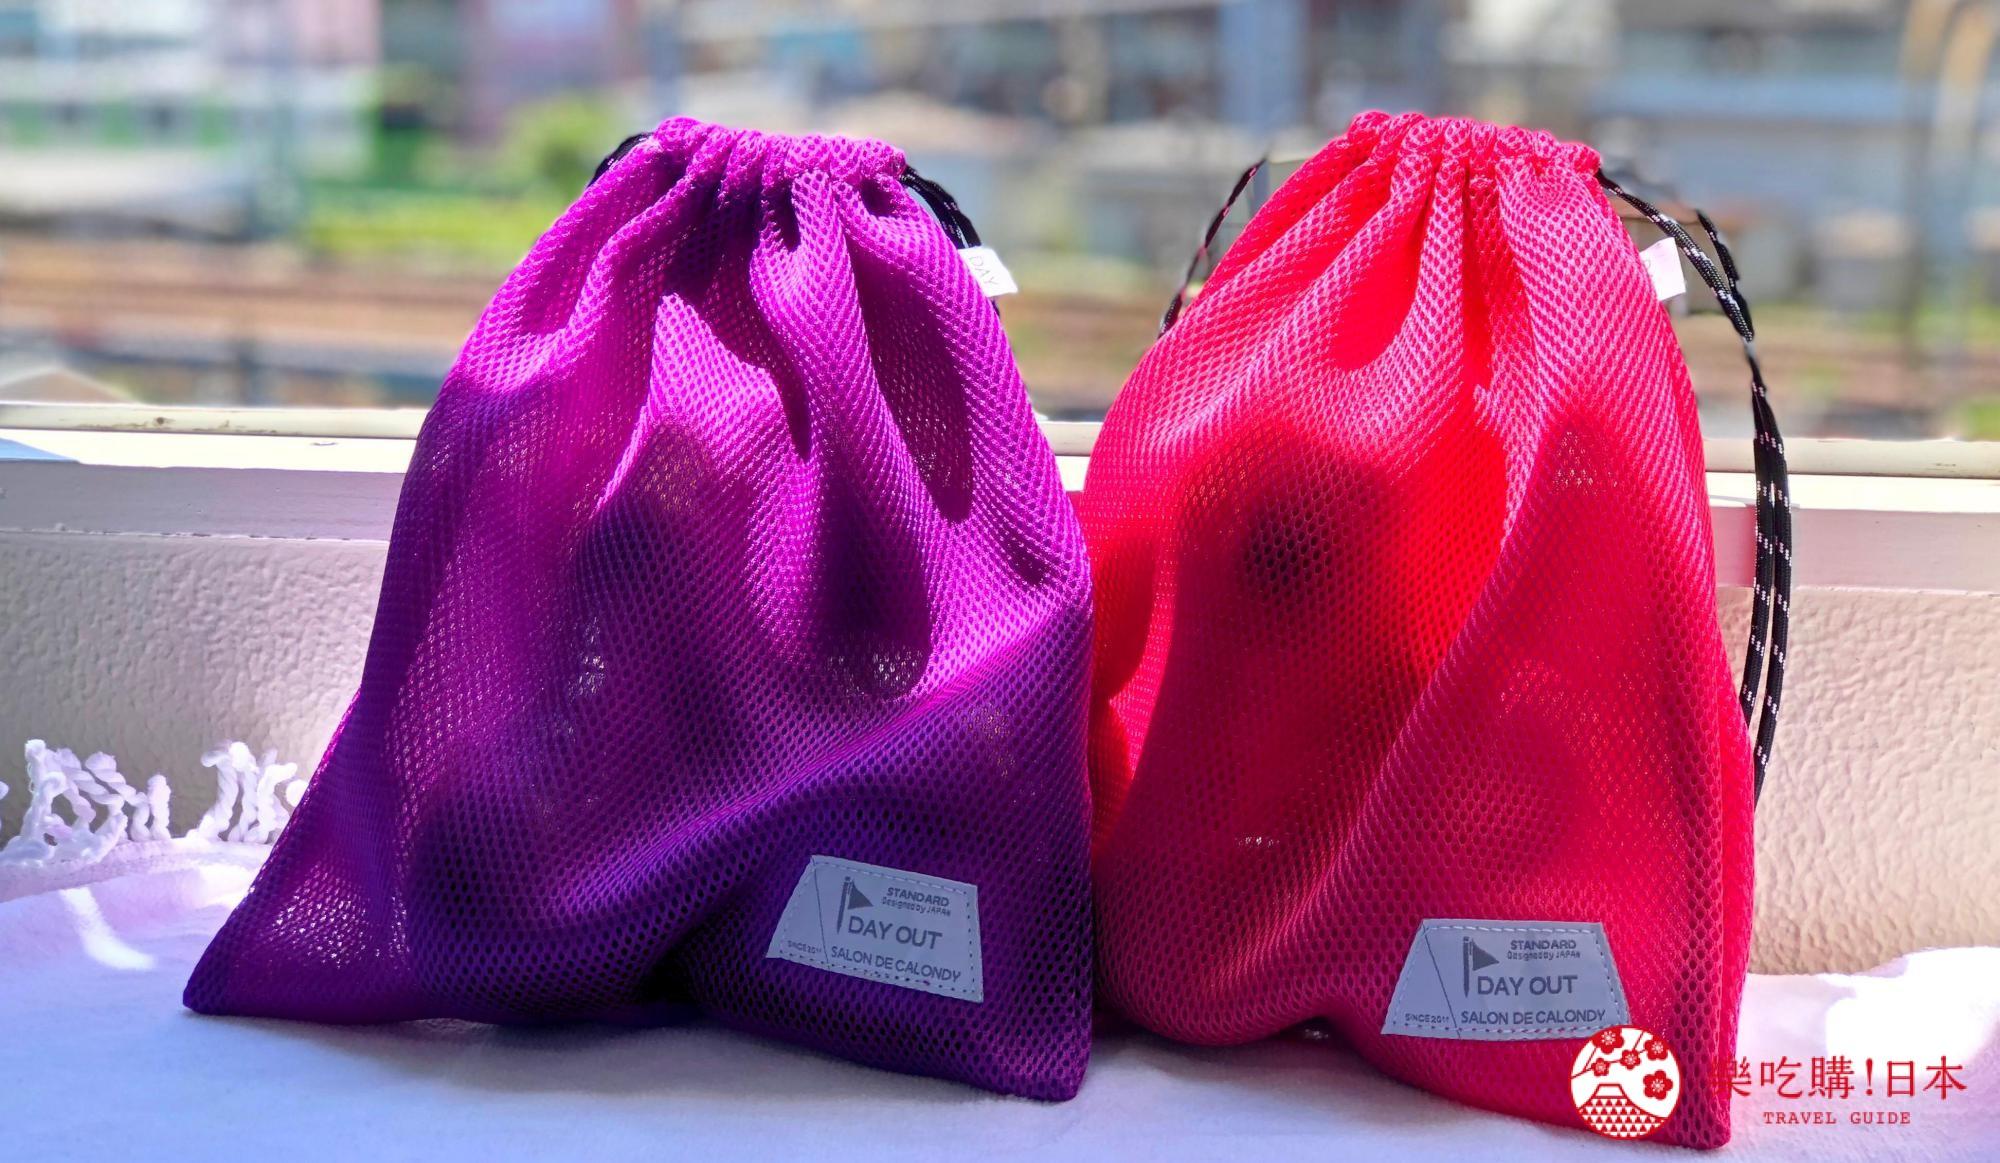 日本樂桃人氣原創設計商品的Peach X DAYOUT 限定色 Rough Bag(M,桃紅/紫)遠照